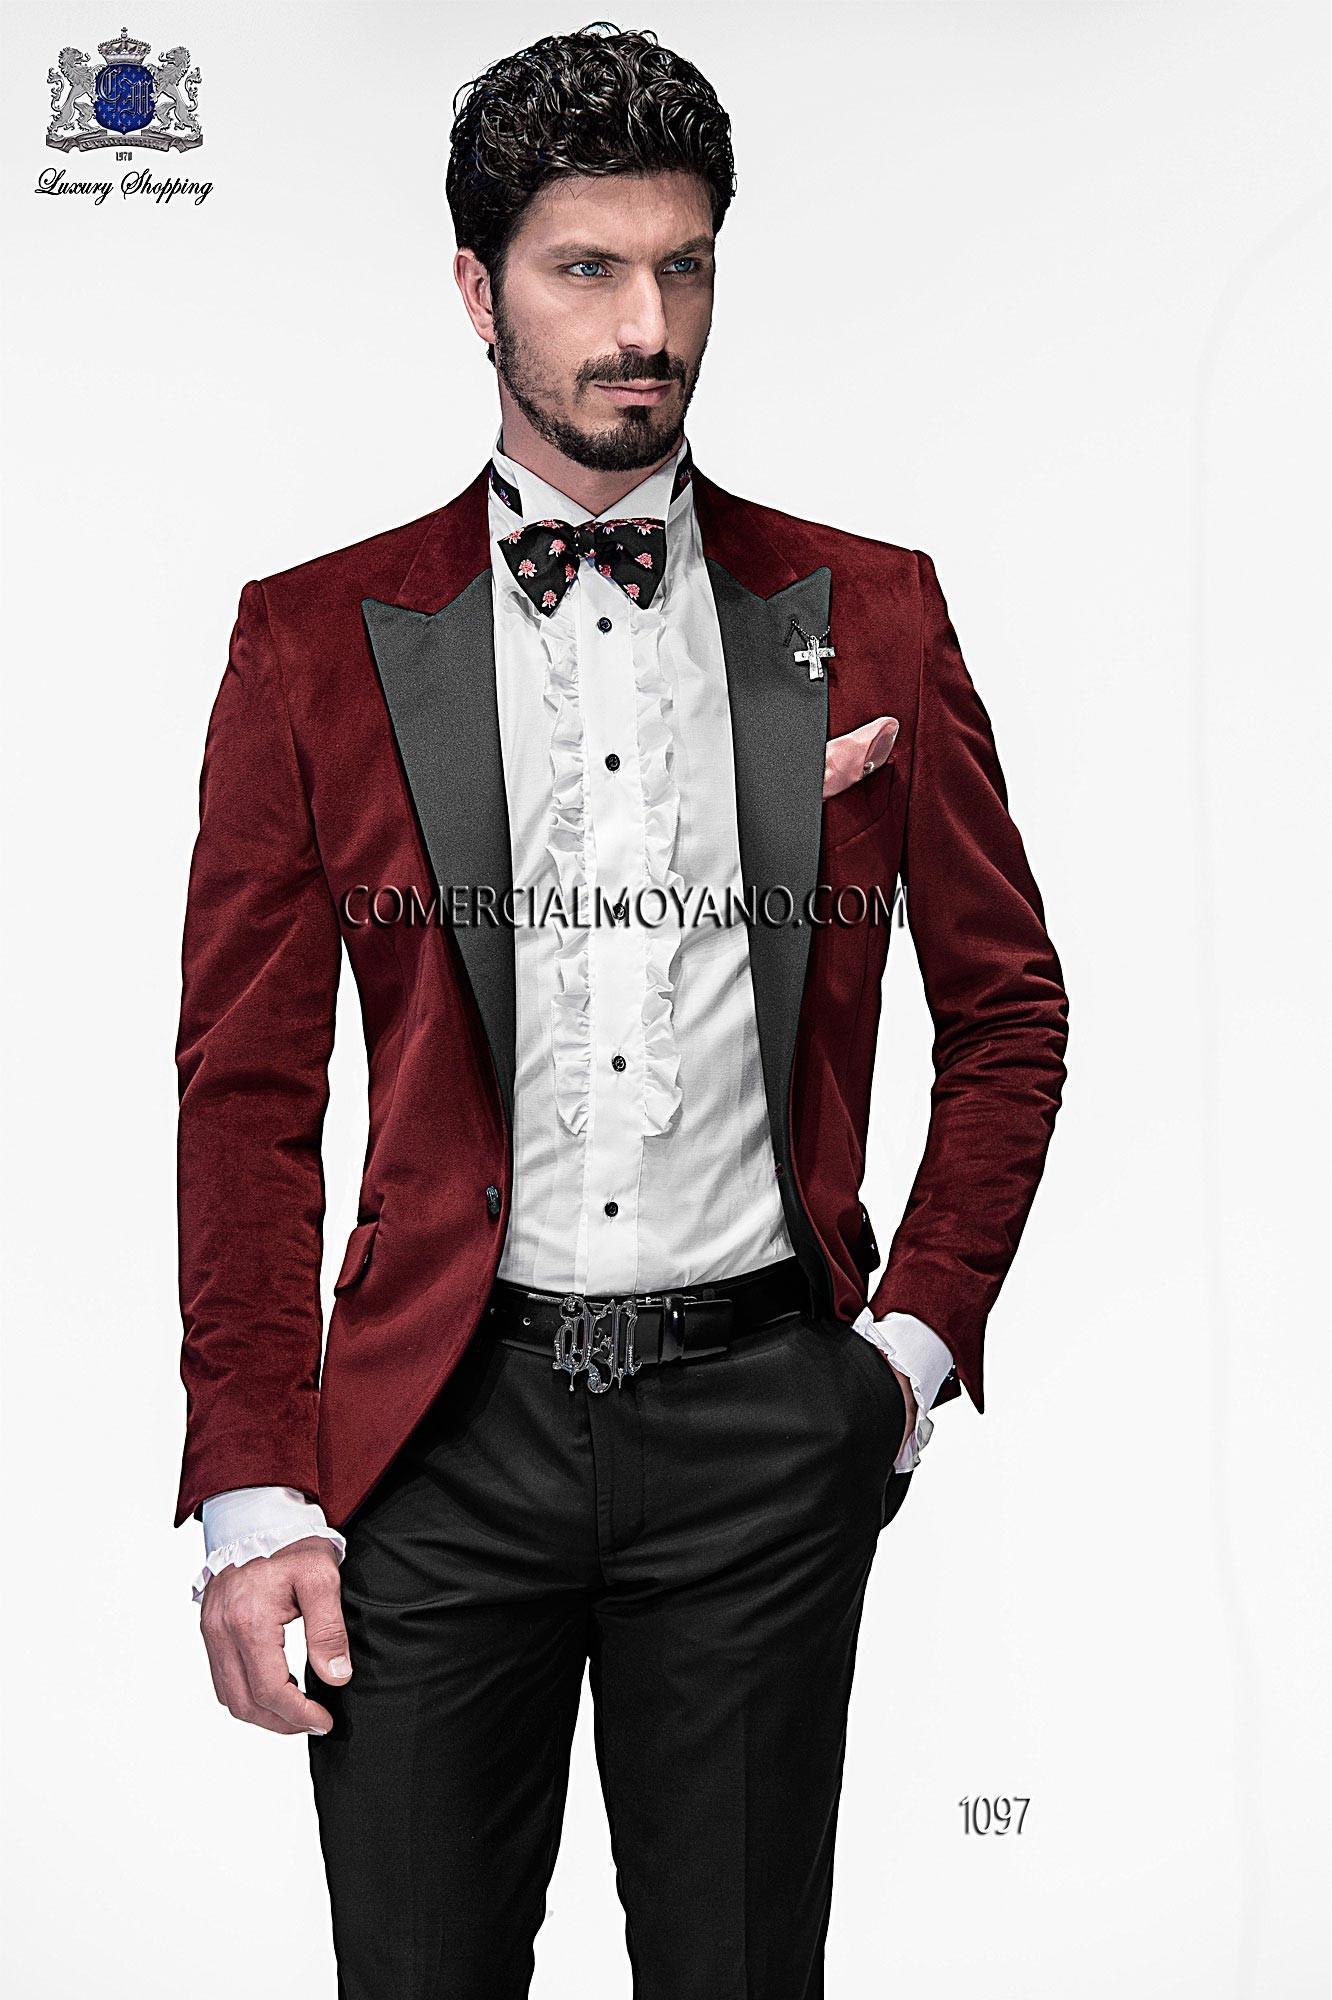 Traje de moda hombre granate modelo: 1097 Ottavio Nuccio Gala colección Emotion